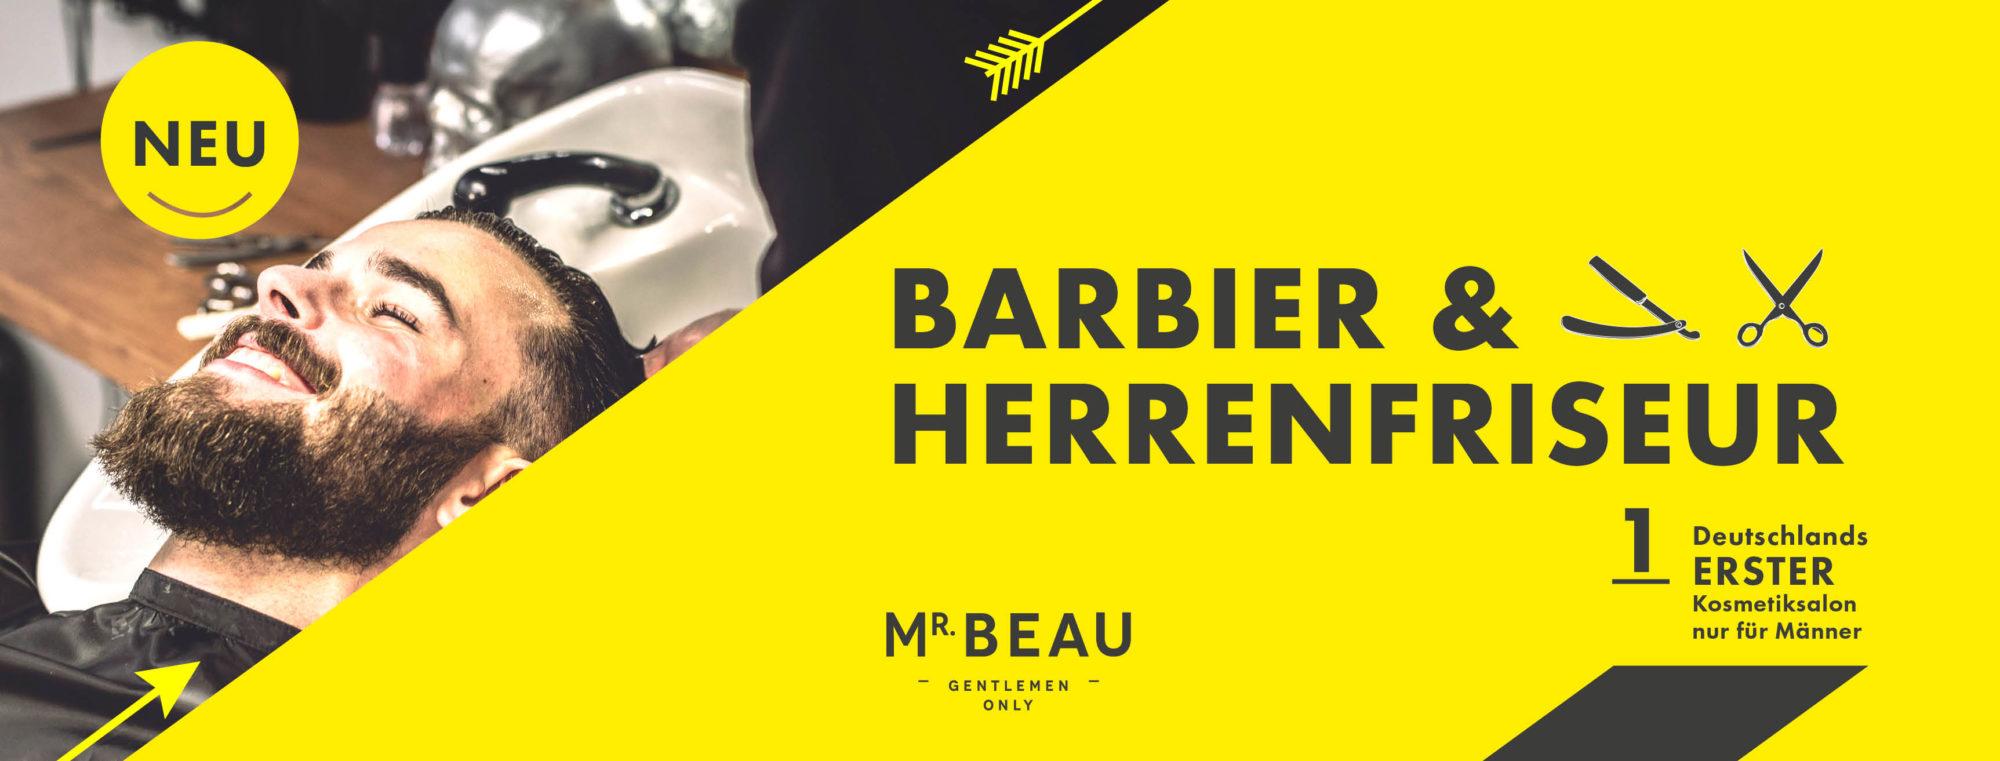 Barbier und Herrenfriseur Trier mR beau